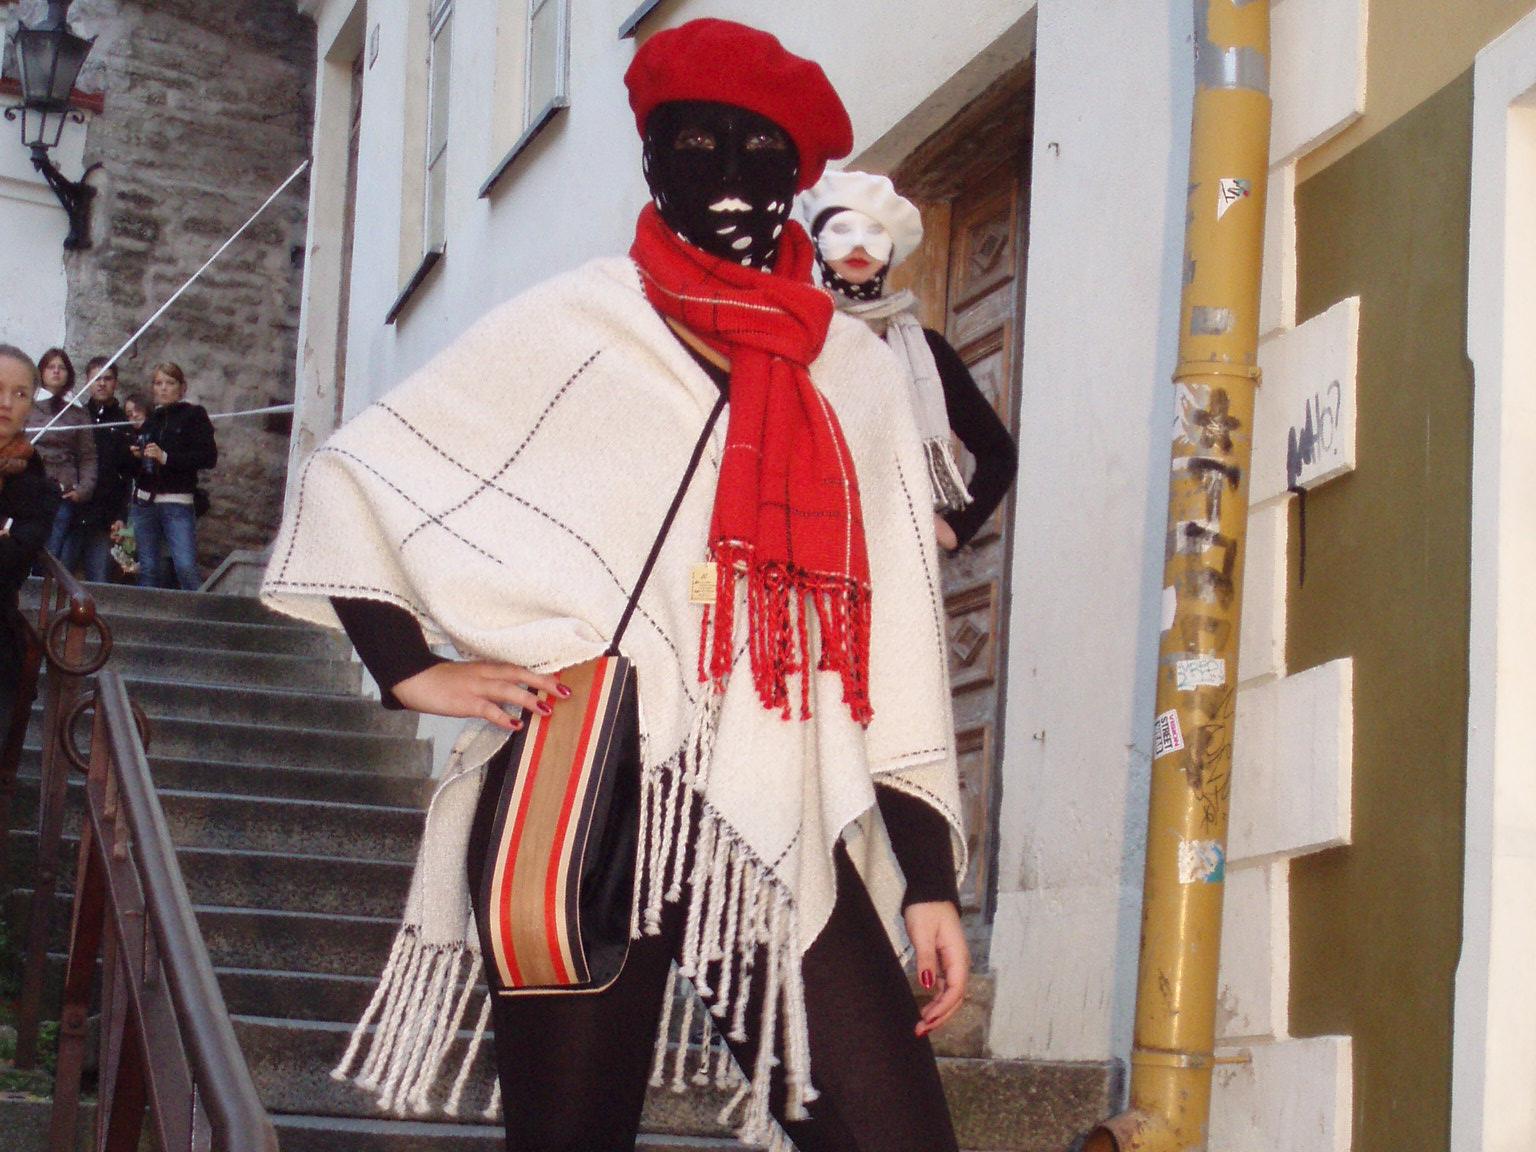 modell kandmas pontšot, beretti, sukkmaski ja salli, koos valge-pruun-punase puidust instarsiakotiga